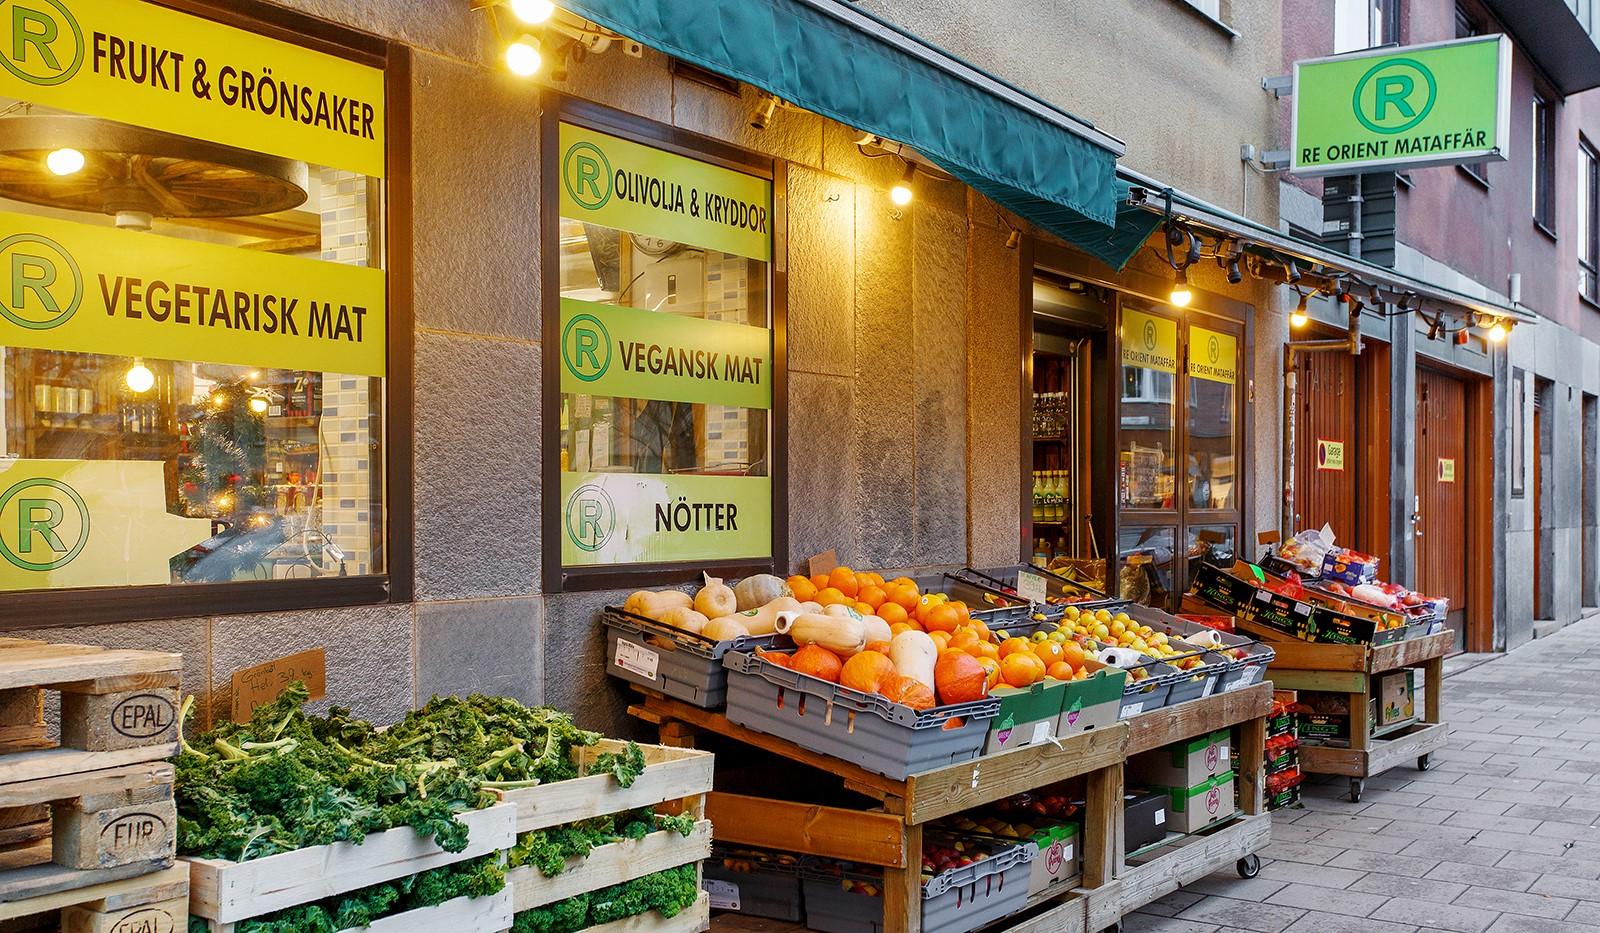 Kocksgatan 42 - Flera små butiker i området med utbud av frukt och grönt såväl som klädbutiker